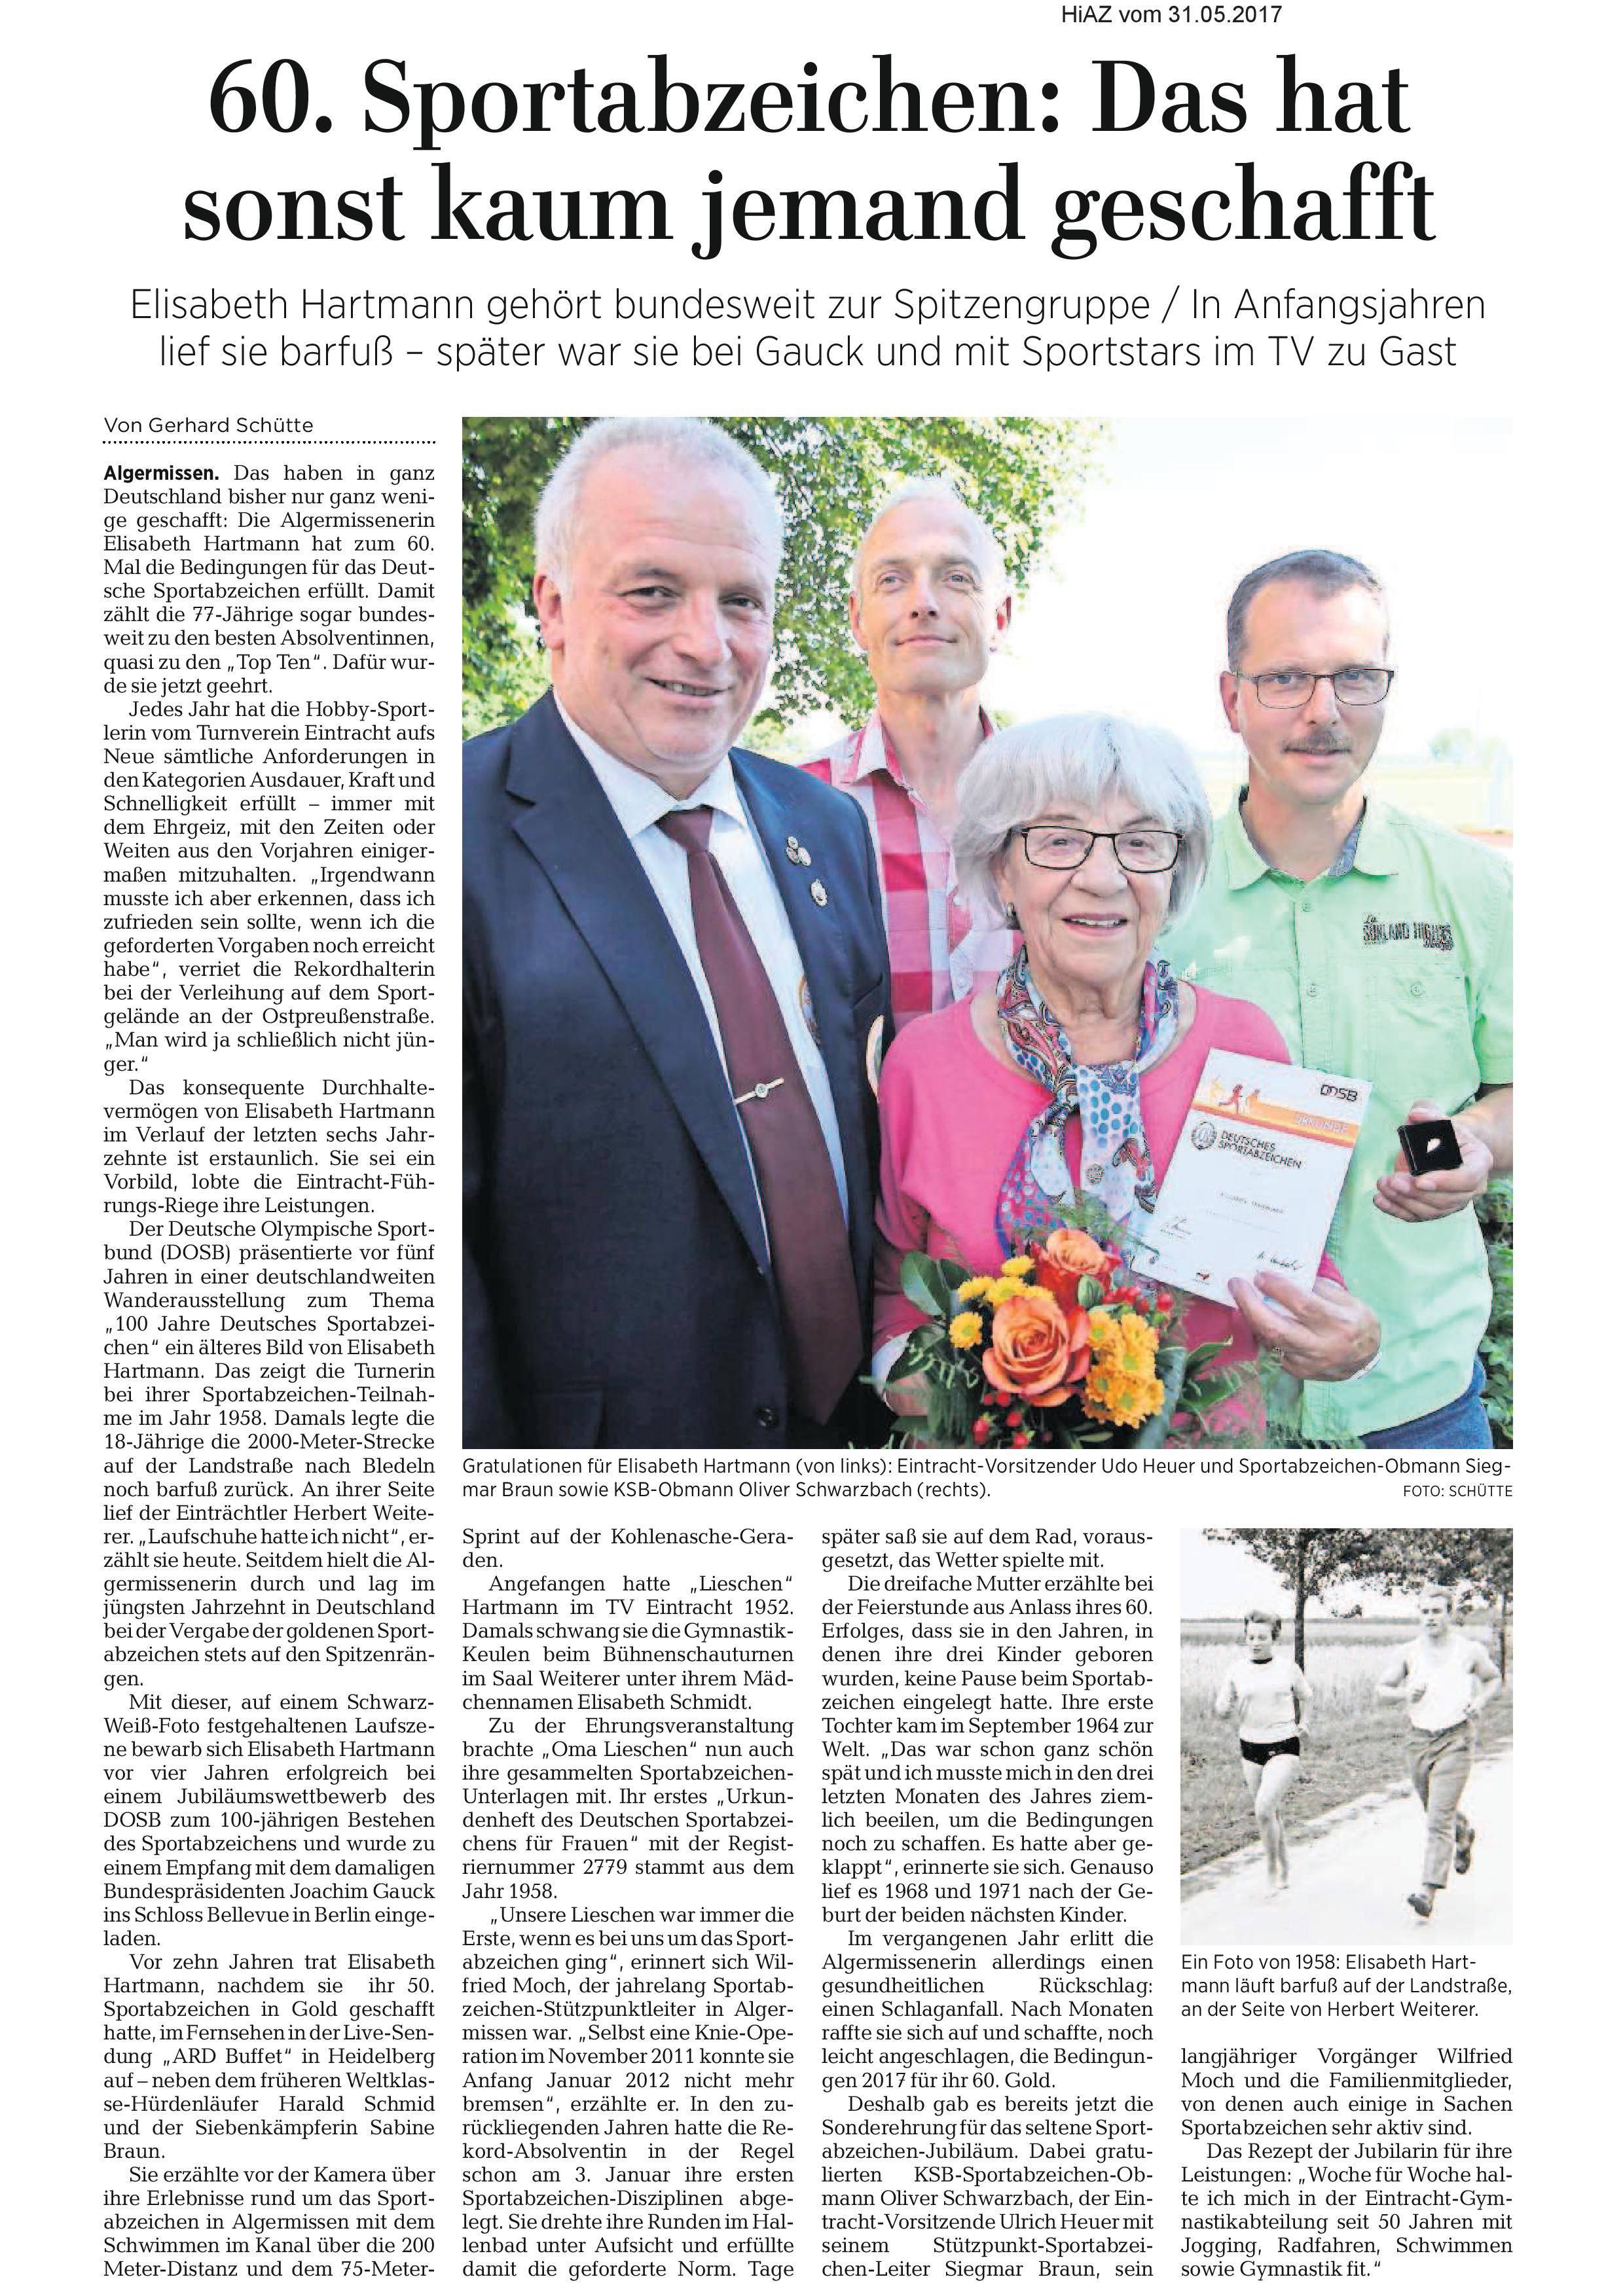 2017_05_31_hiaz_verleihung_sportabzeichen60_elisabethhartmann-page-001